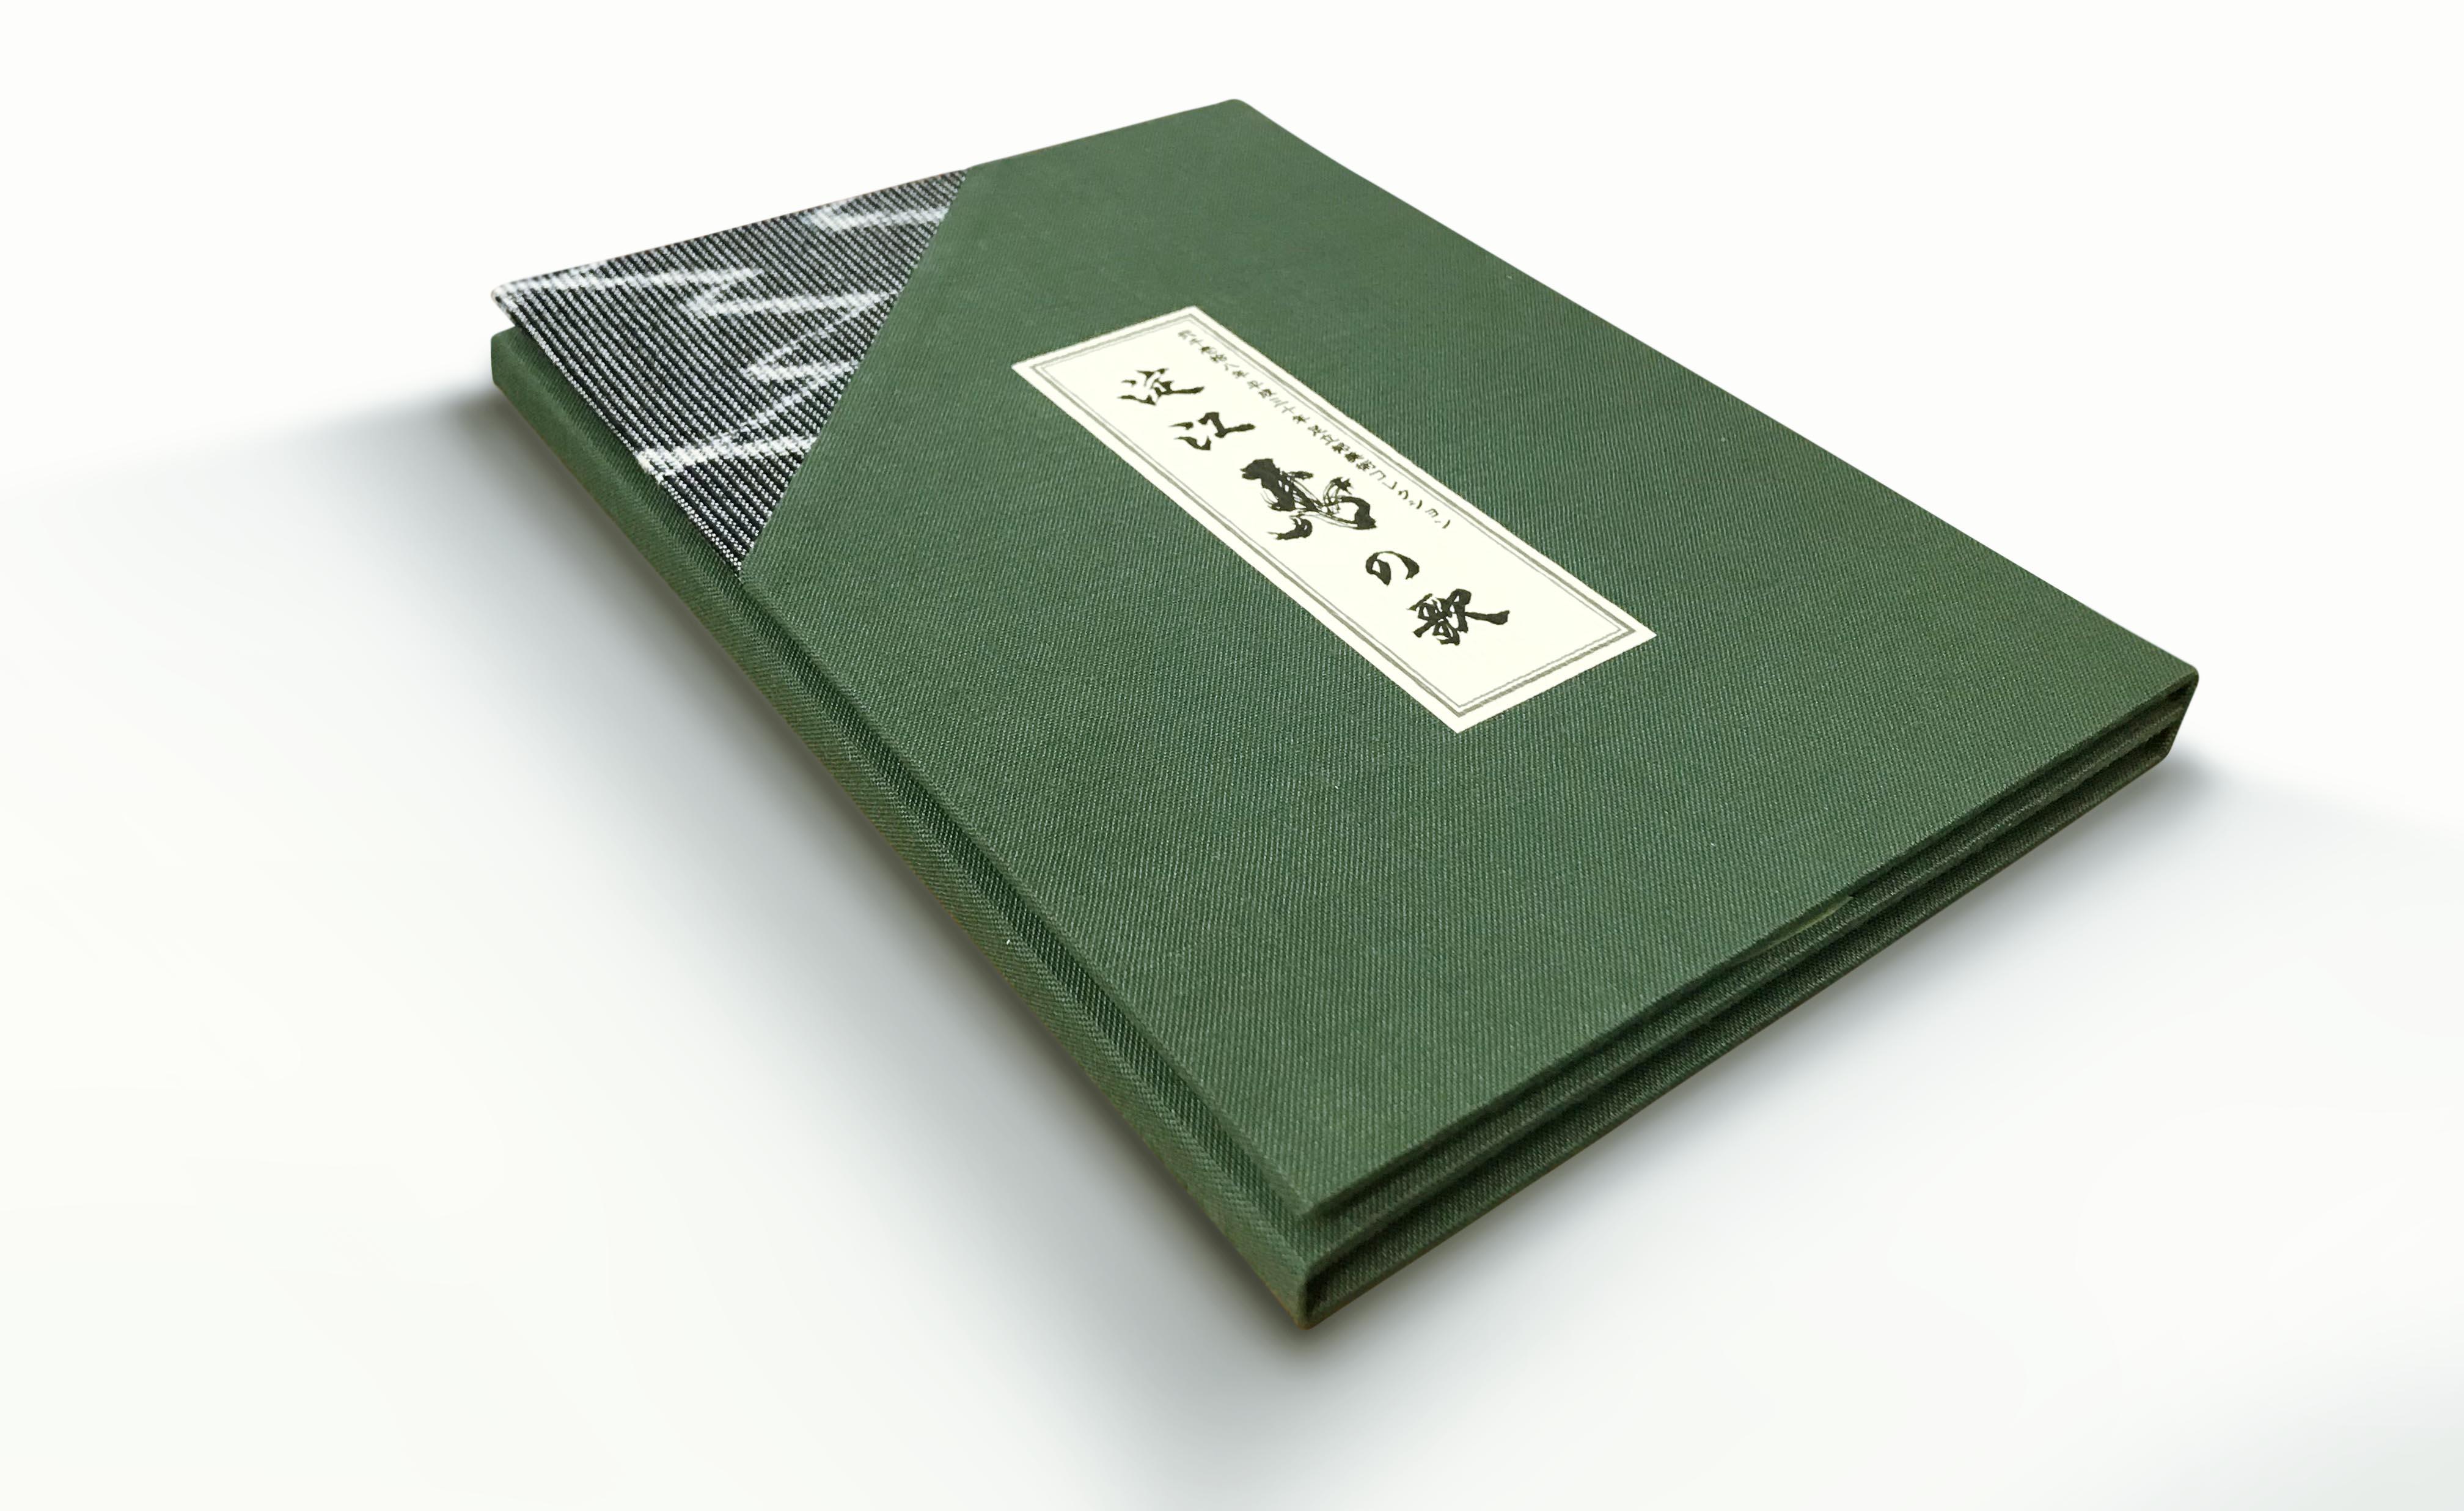 爽蒼会 詩集 CDジャケット